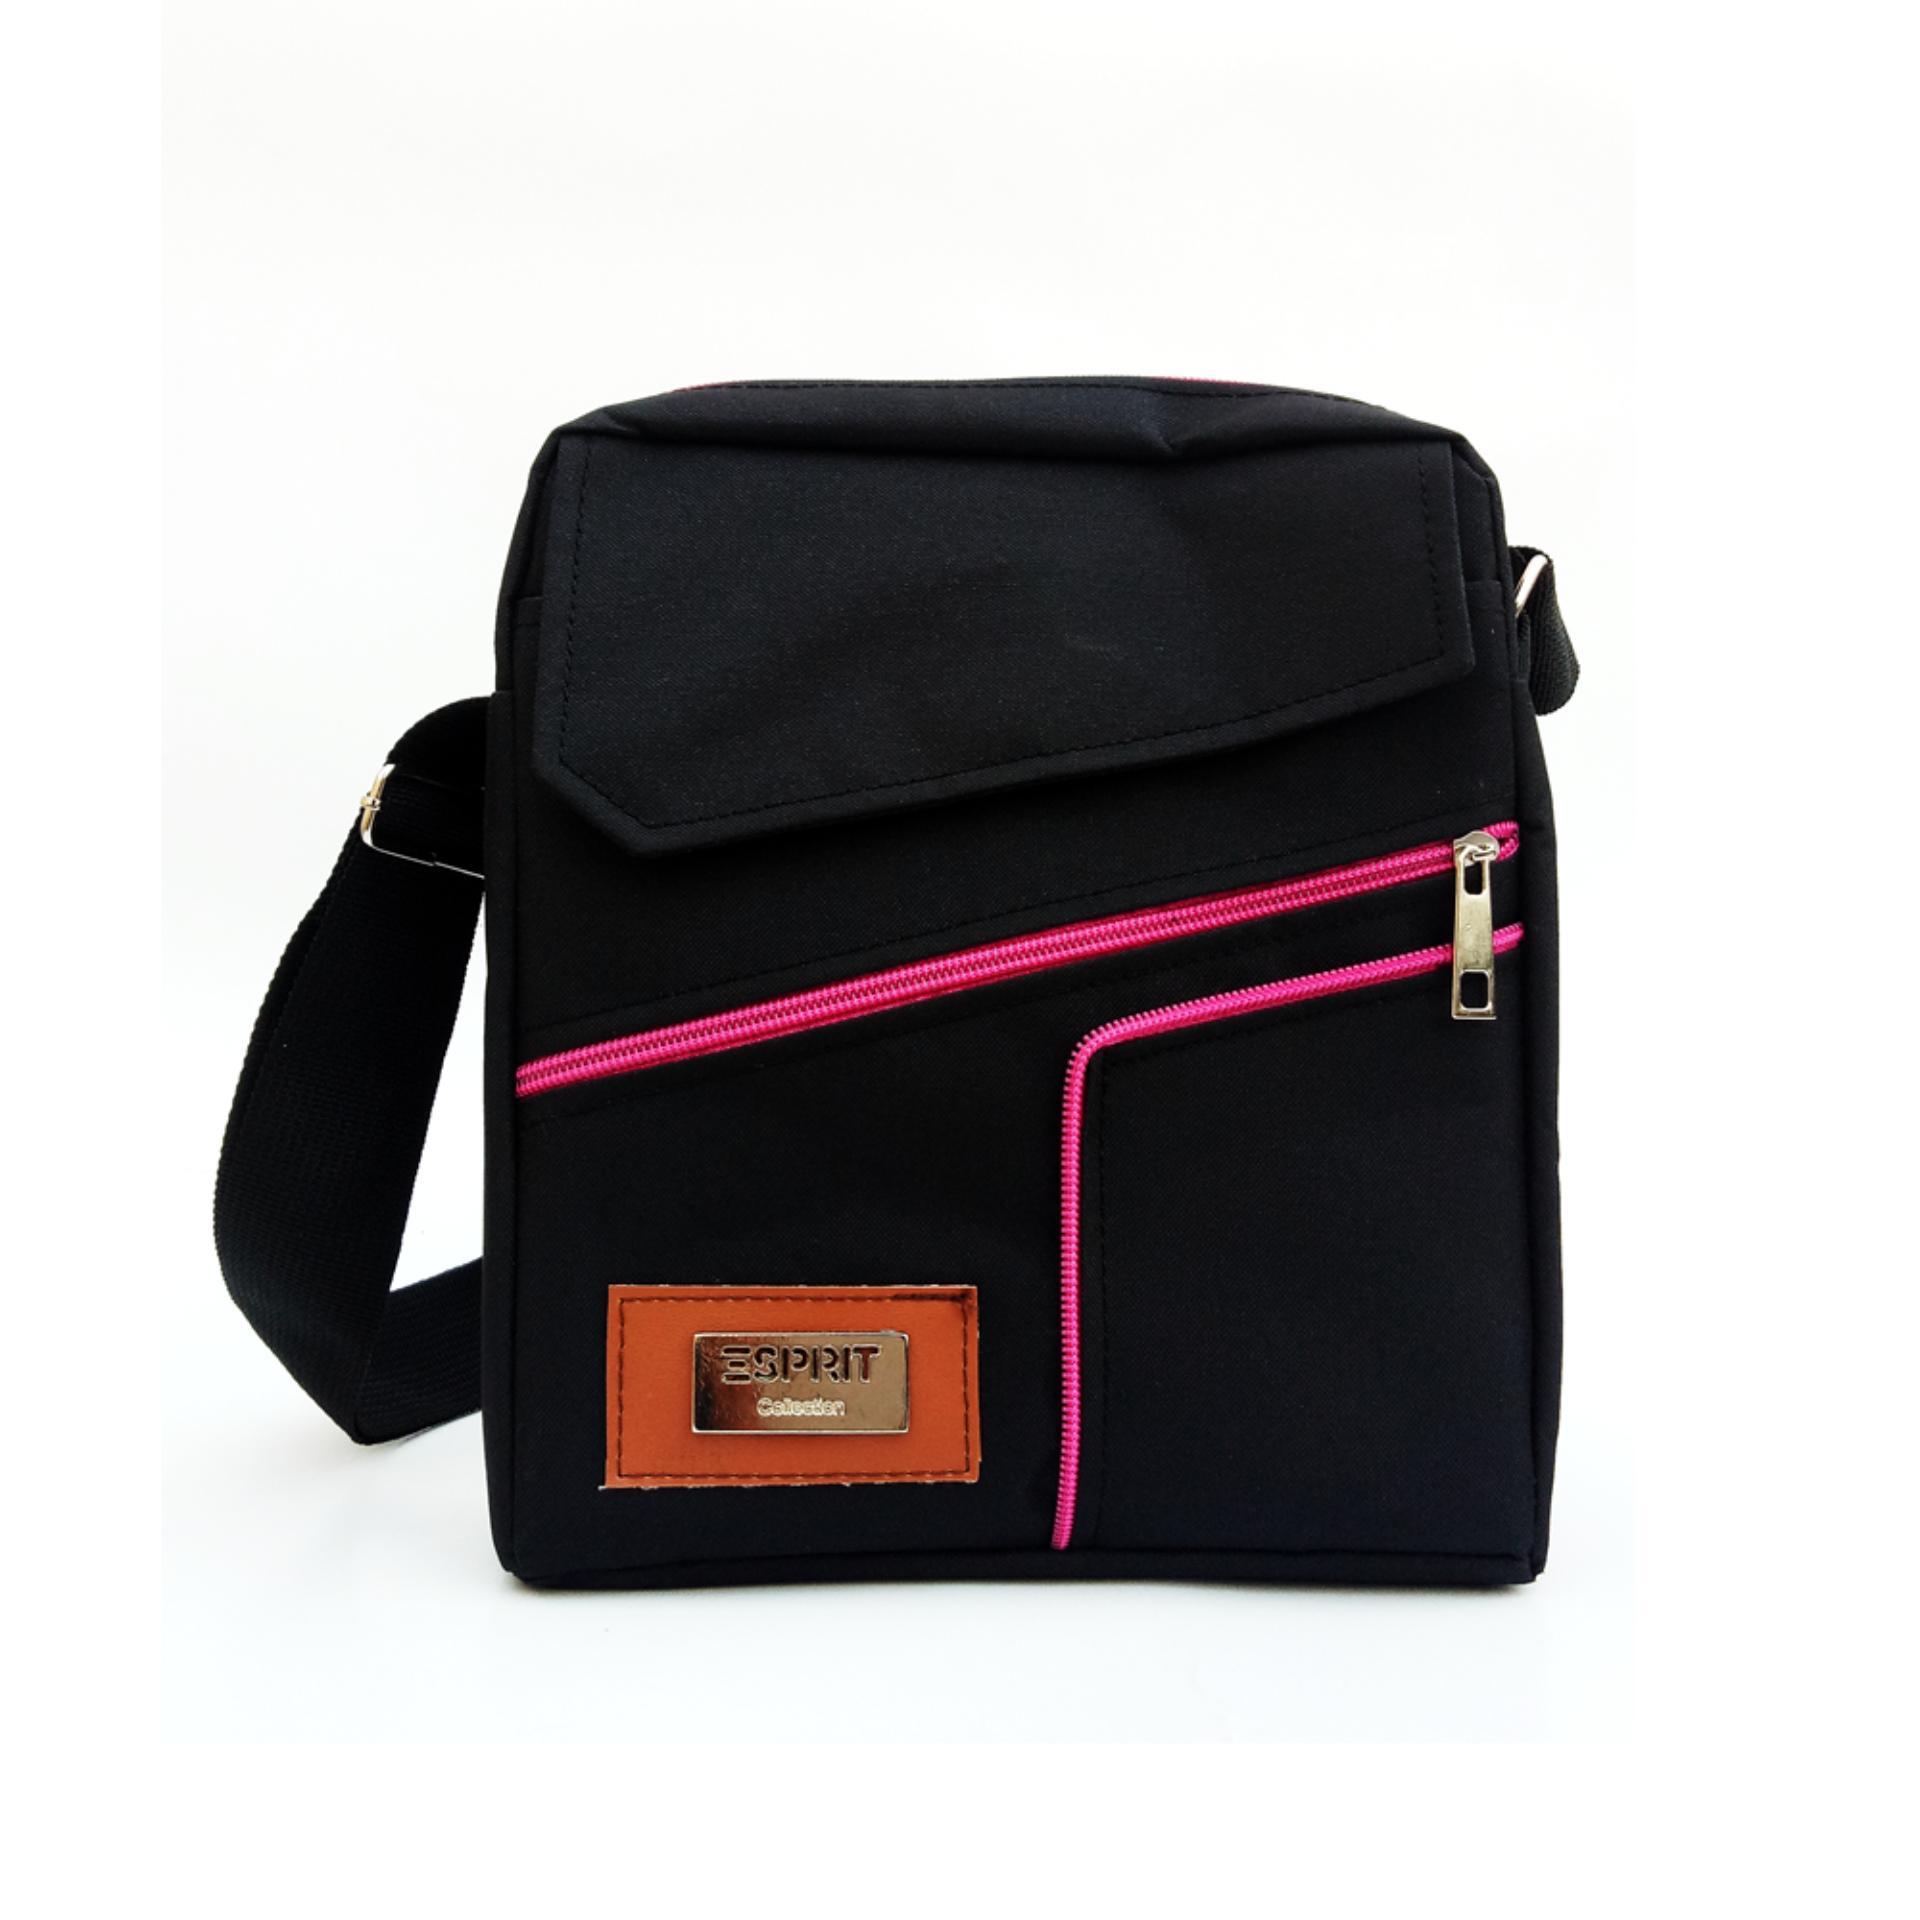 Ultimate Tas Pria   Wanita JS-8191 - Blue   Tas Pria Ransel Backpack Sekolah  FIURI - Tas Selempang Kanvas - Sling Bag Kanvas - Tas Slempang Kanvas - Tas  ... 053a63875b